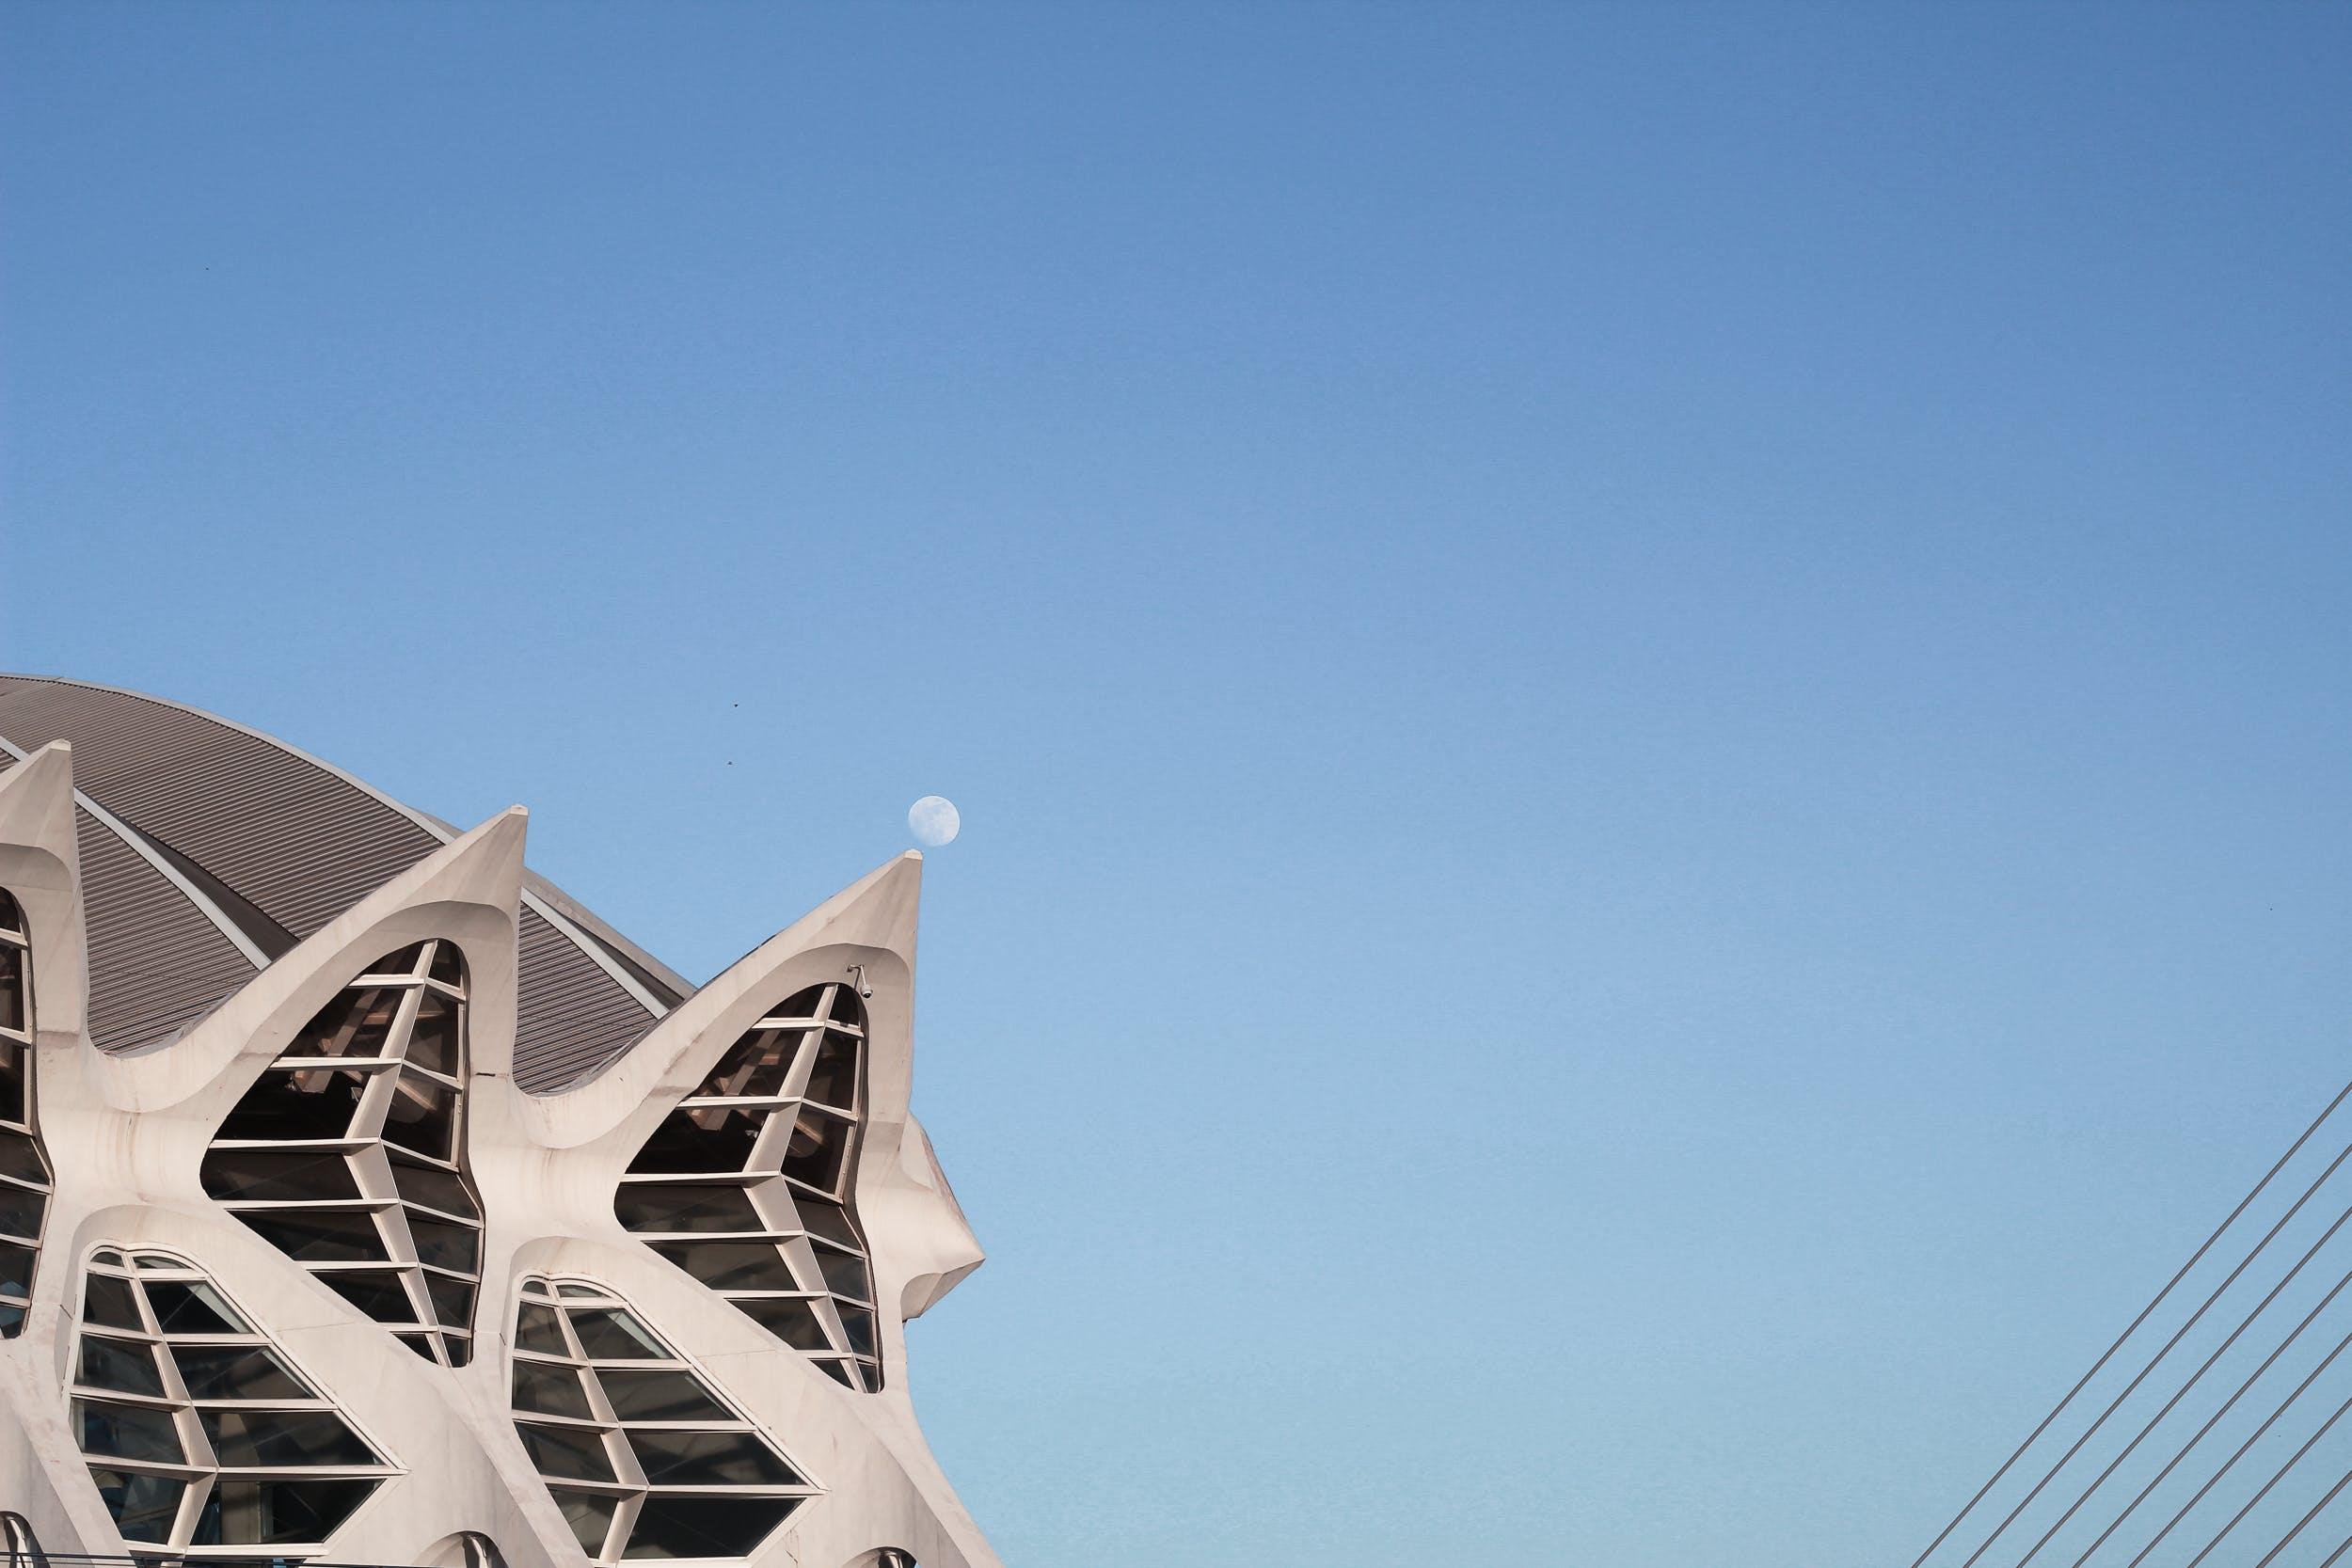 Gray and White Concrete Dome Building